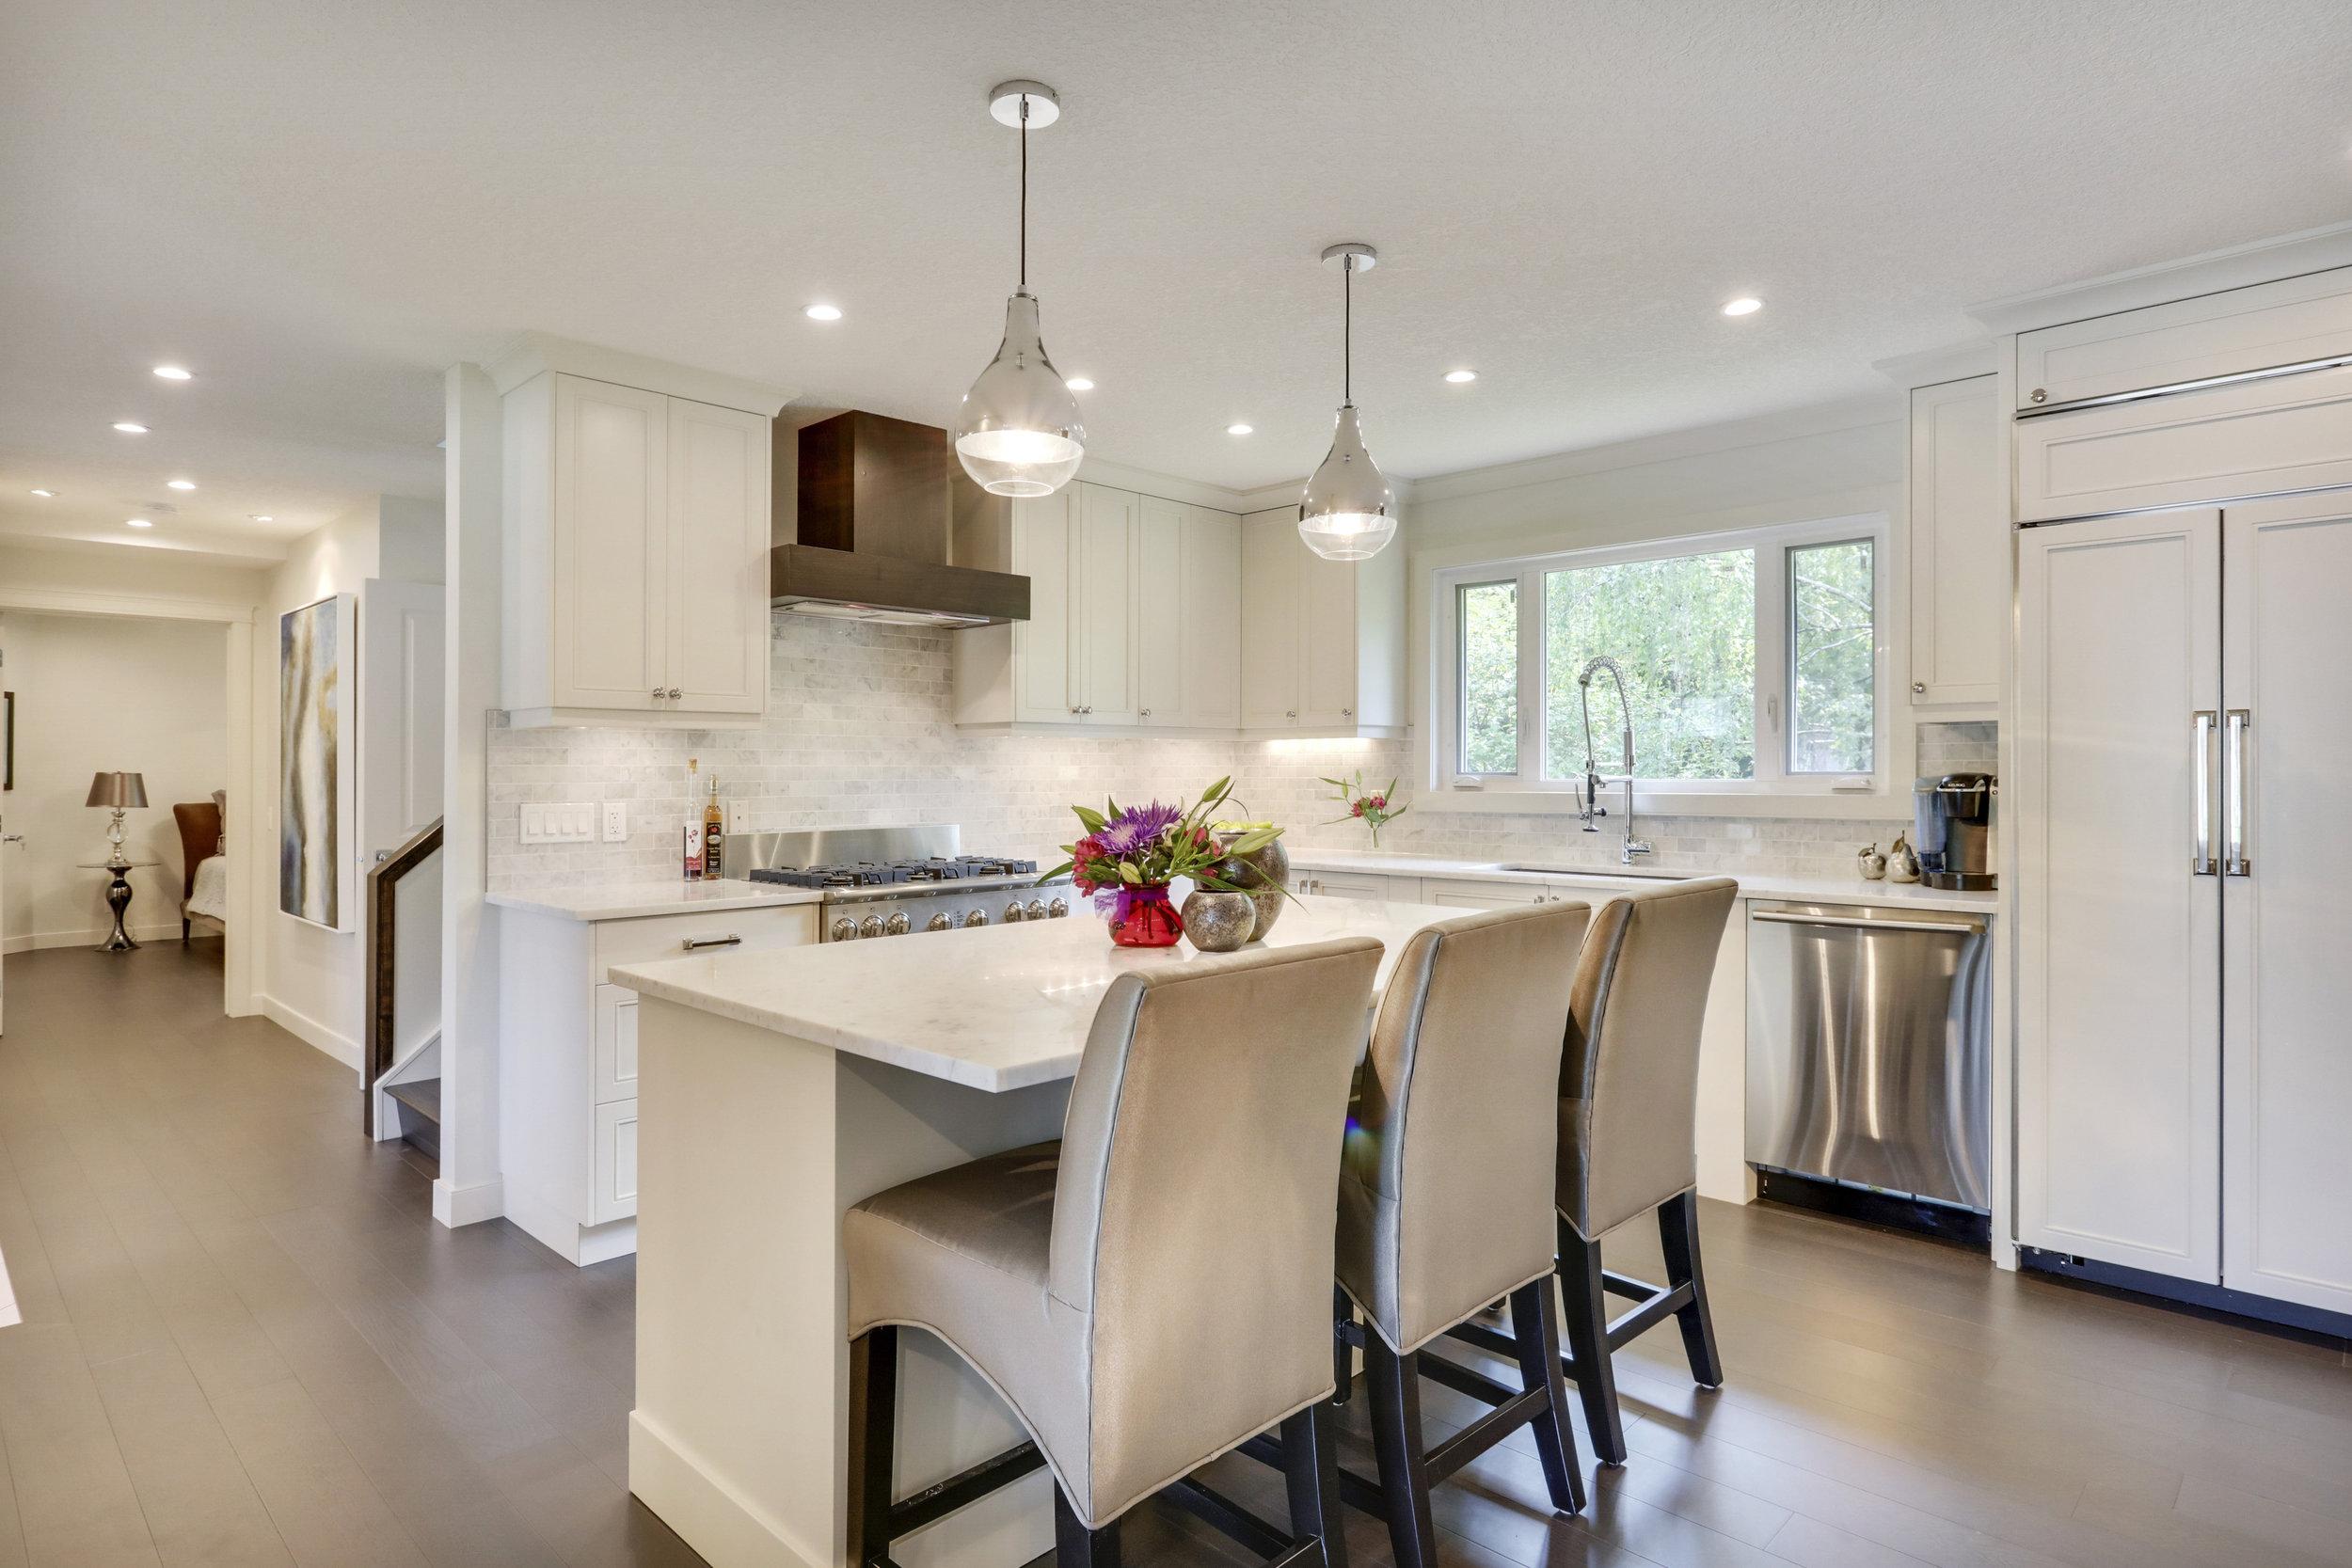 kitchen designer black cabinets for sale design 016a0756blend pt jpg